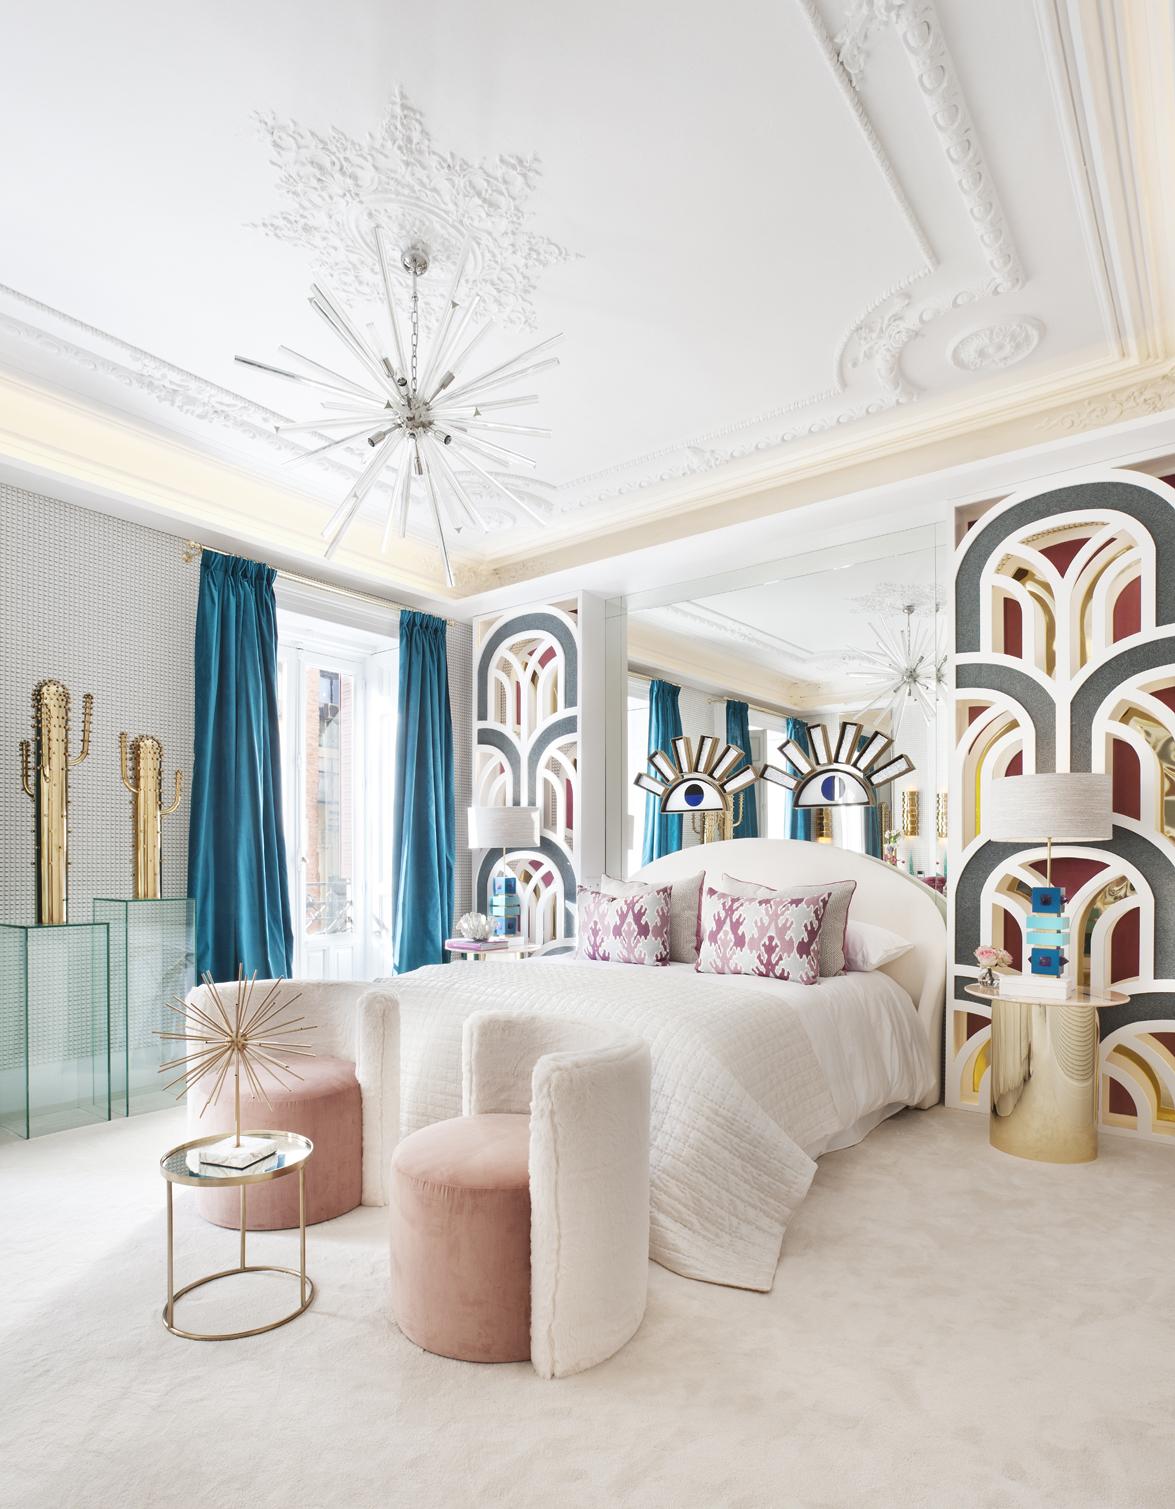 Casa Decor Madrid 2018 opens its doors